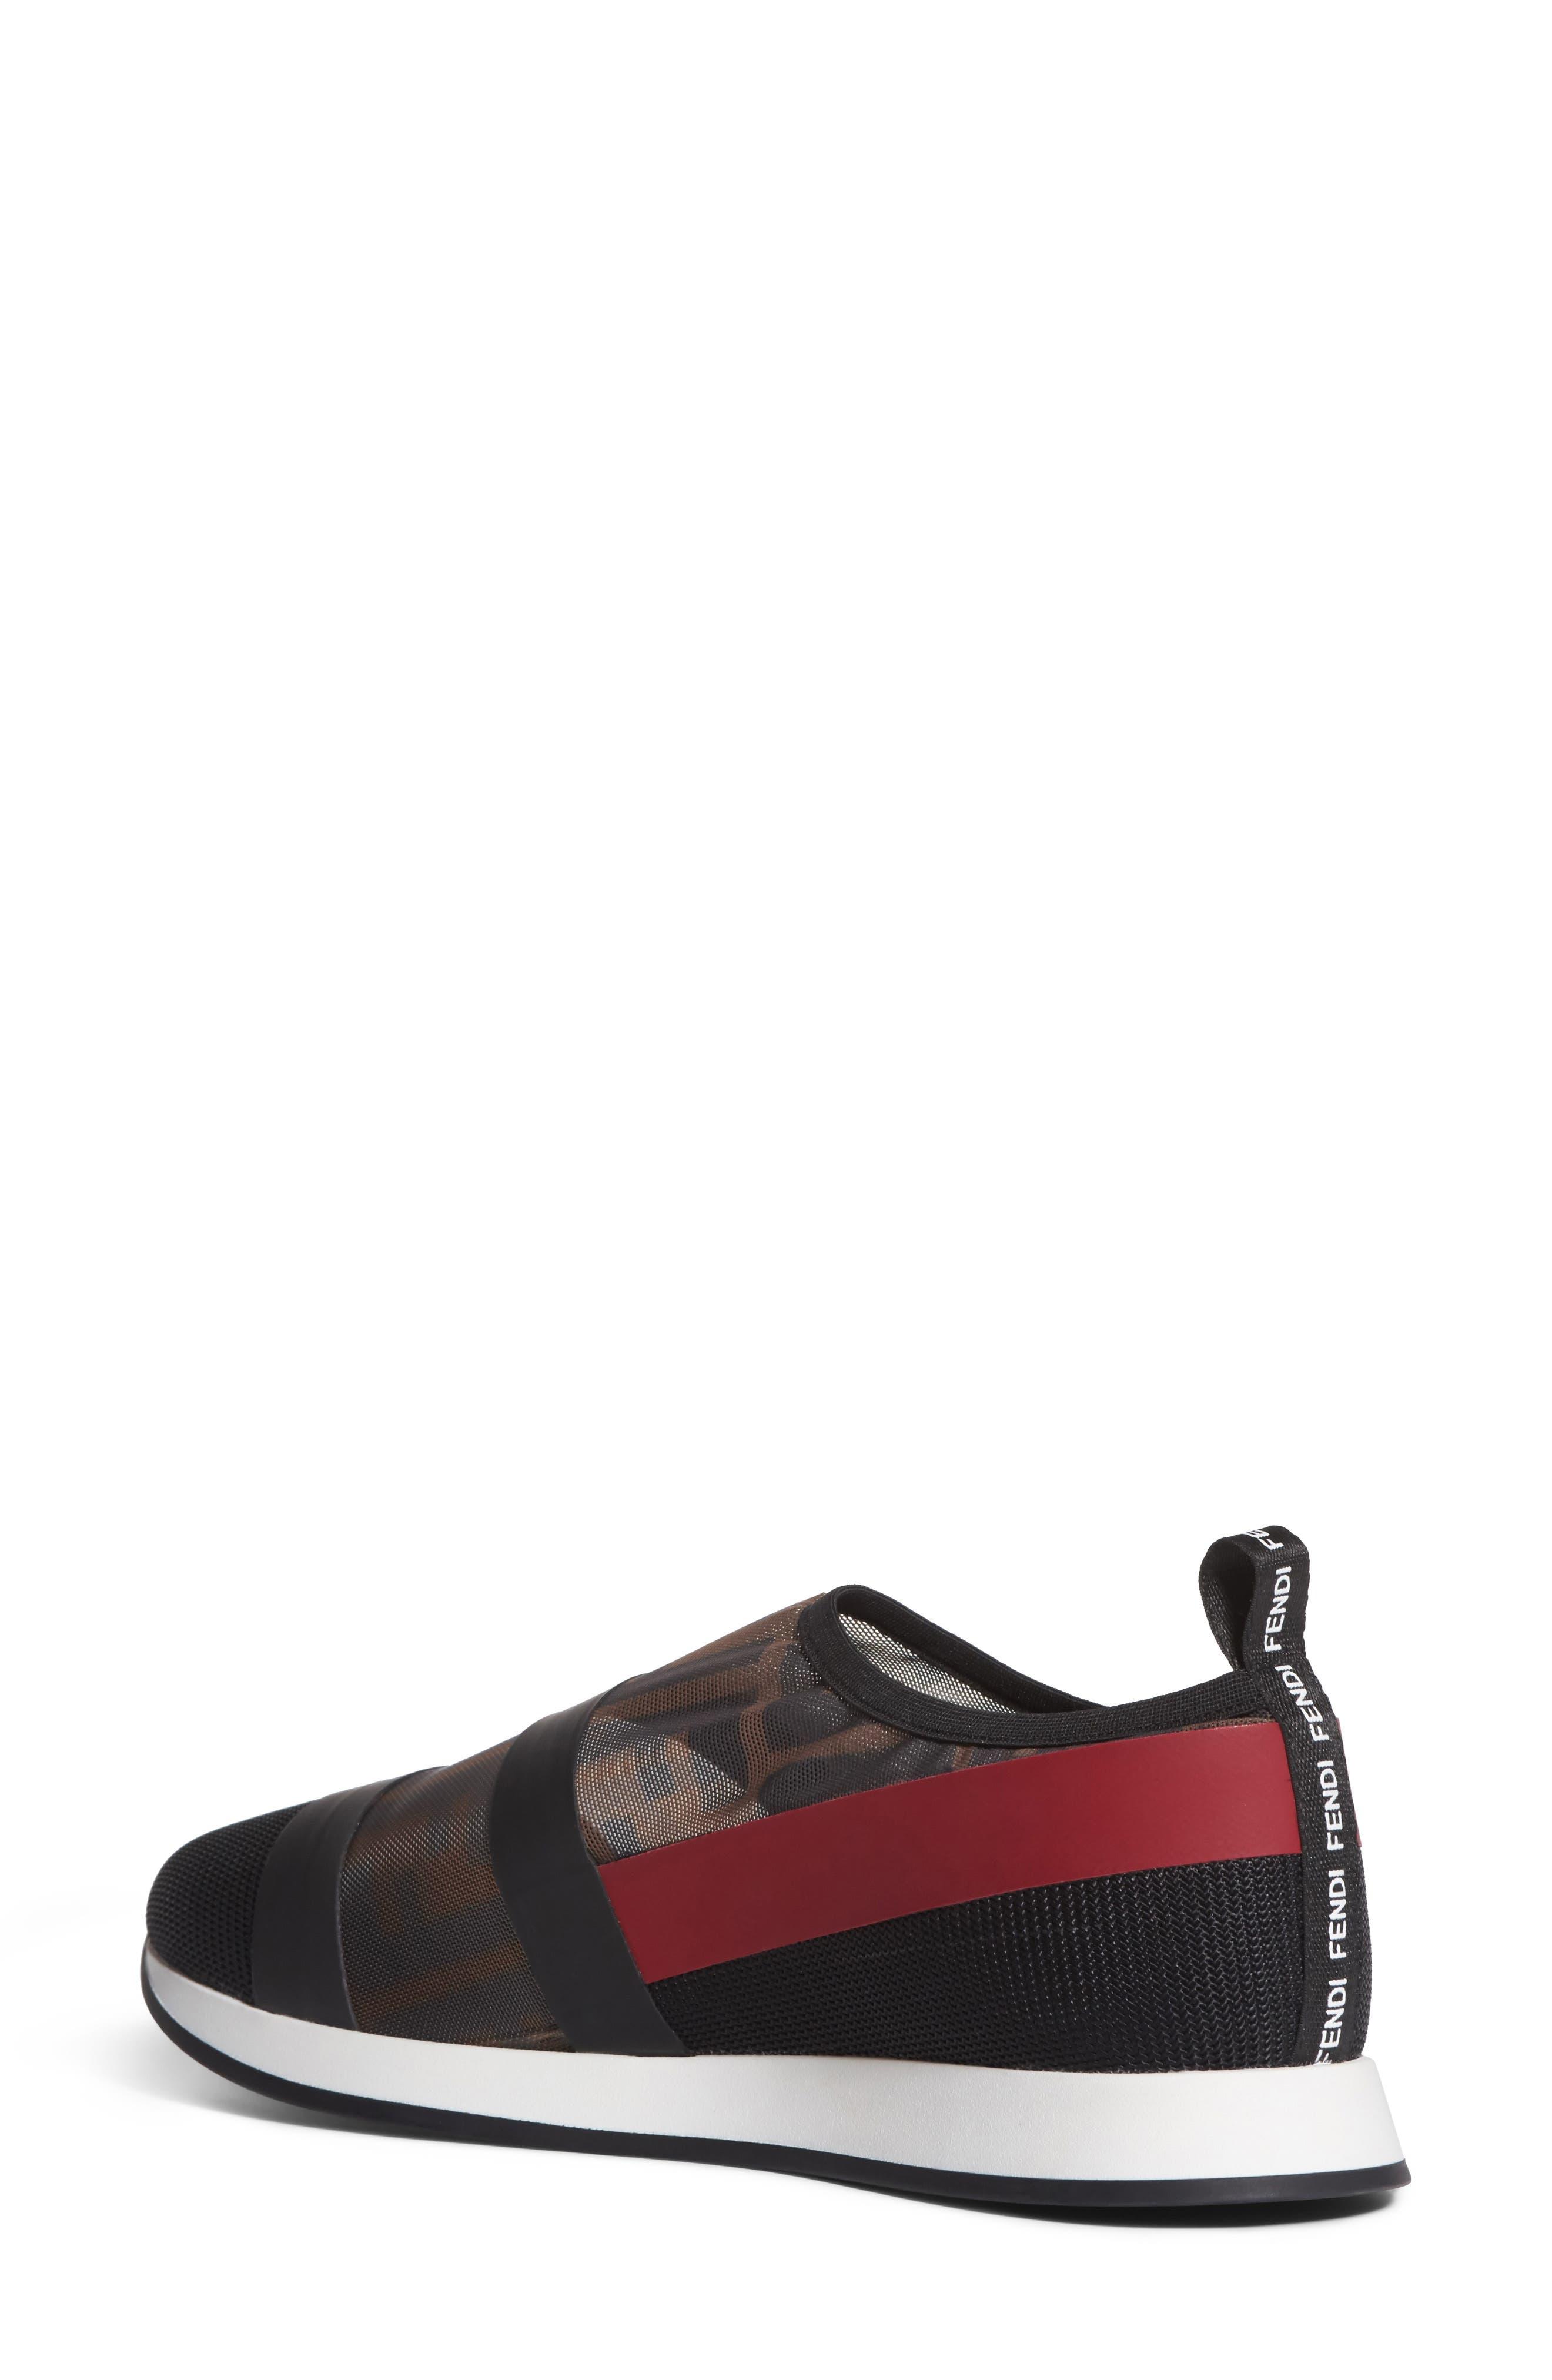 24a6a867a151 Fendi Women s Shoes